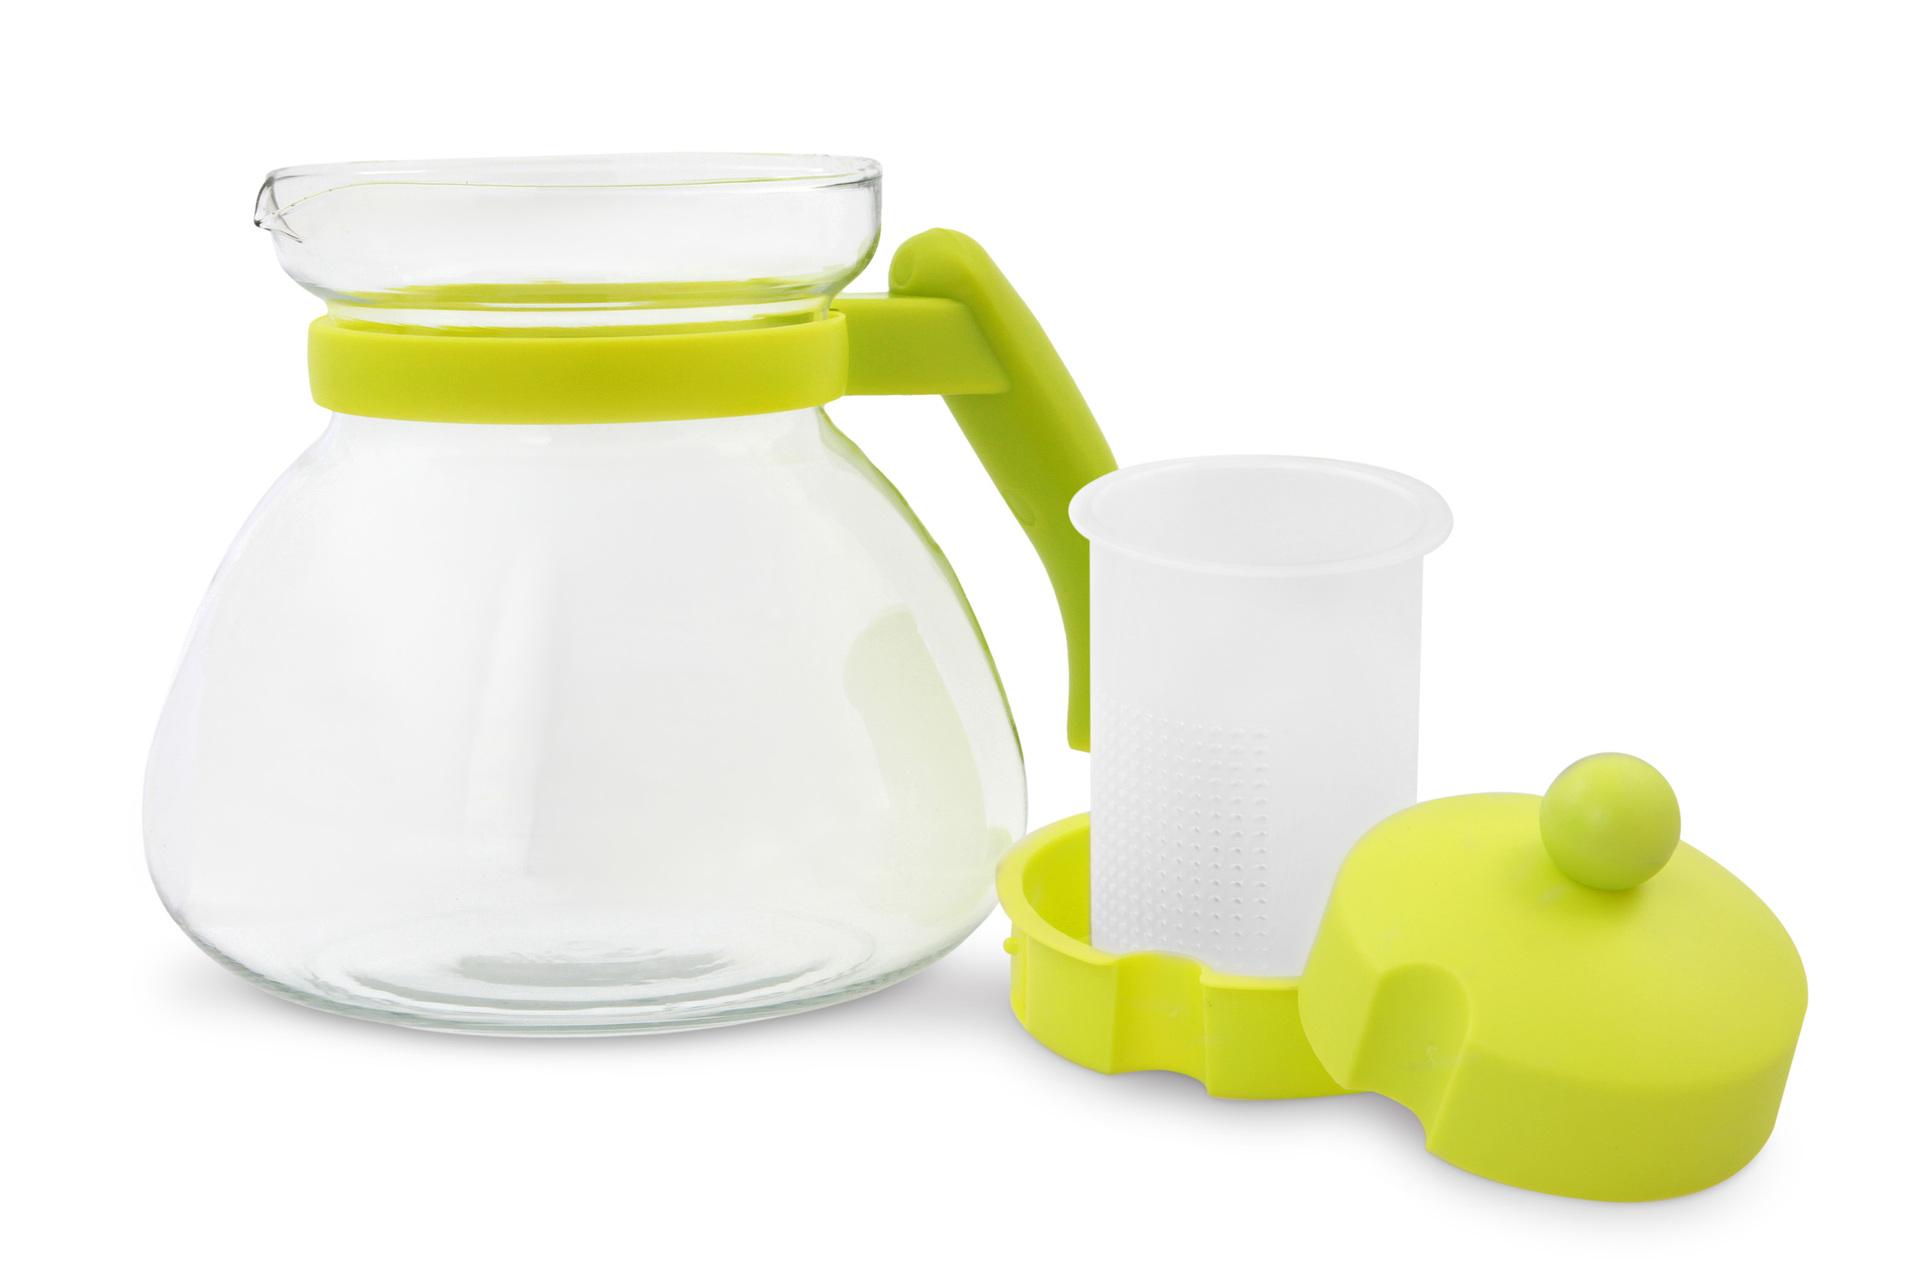 SKLENĚNÁ KONVICE, jasně zelená,1500 ml